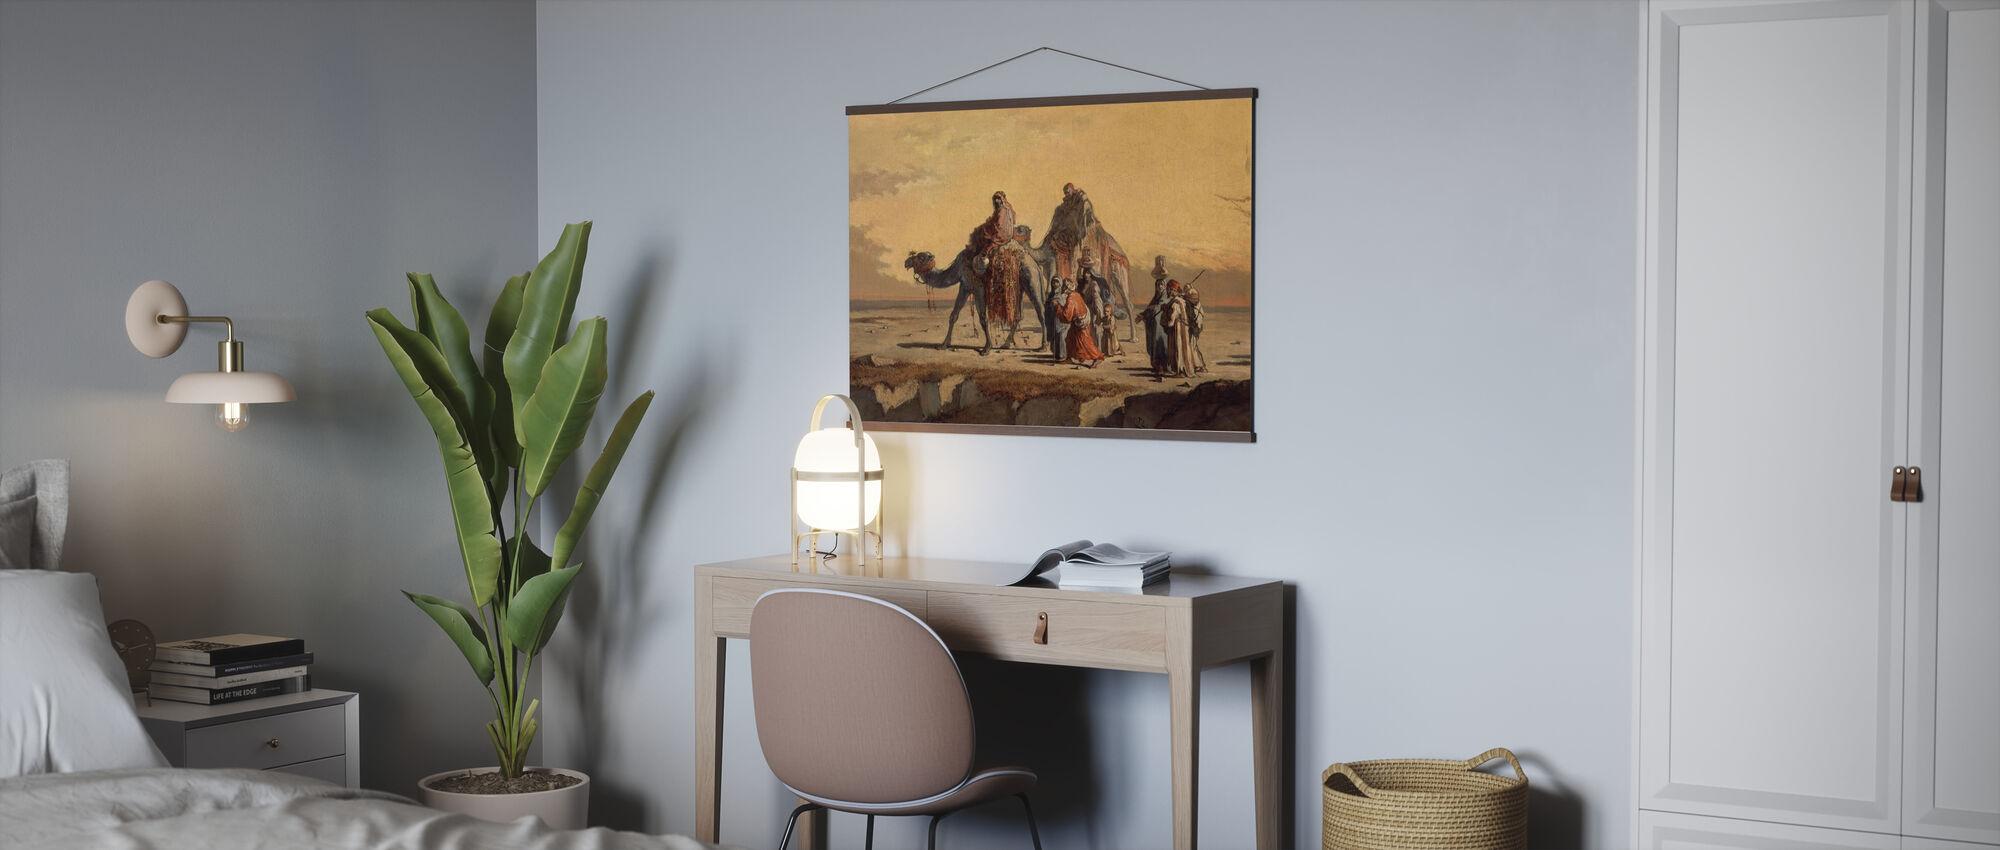 Desert Scene - Francisco Lameyer - Poster - Office